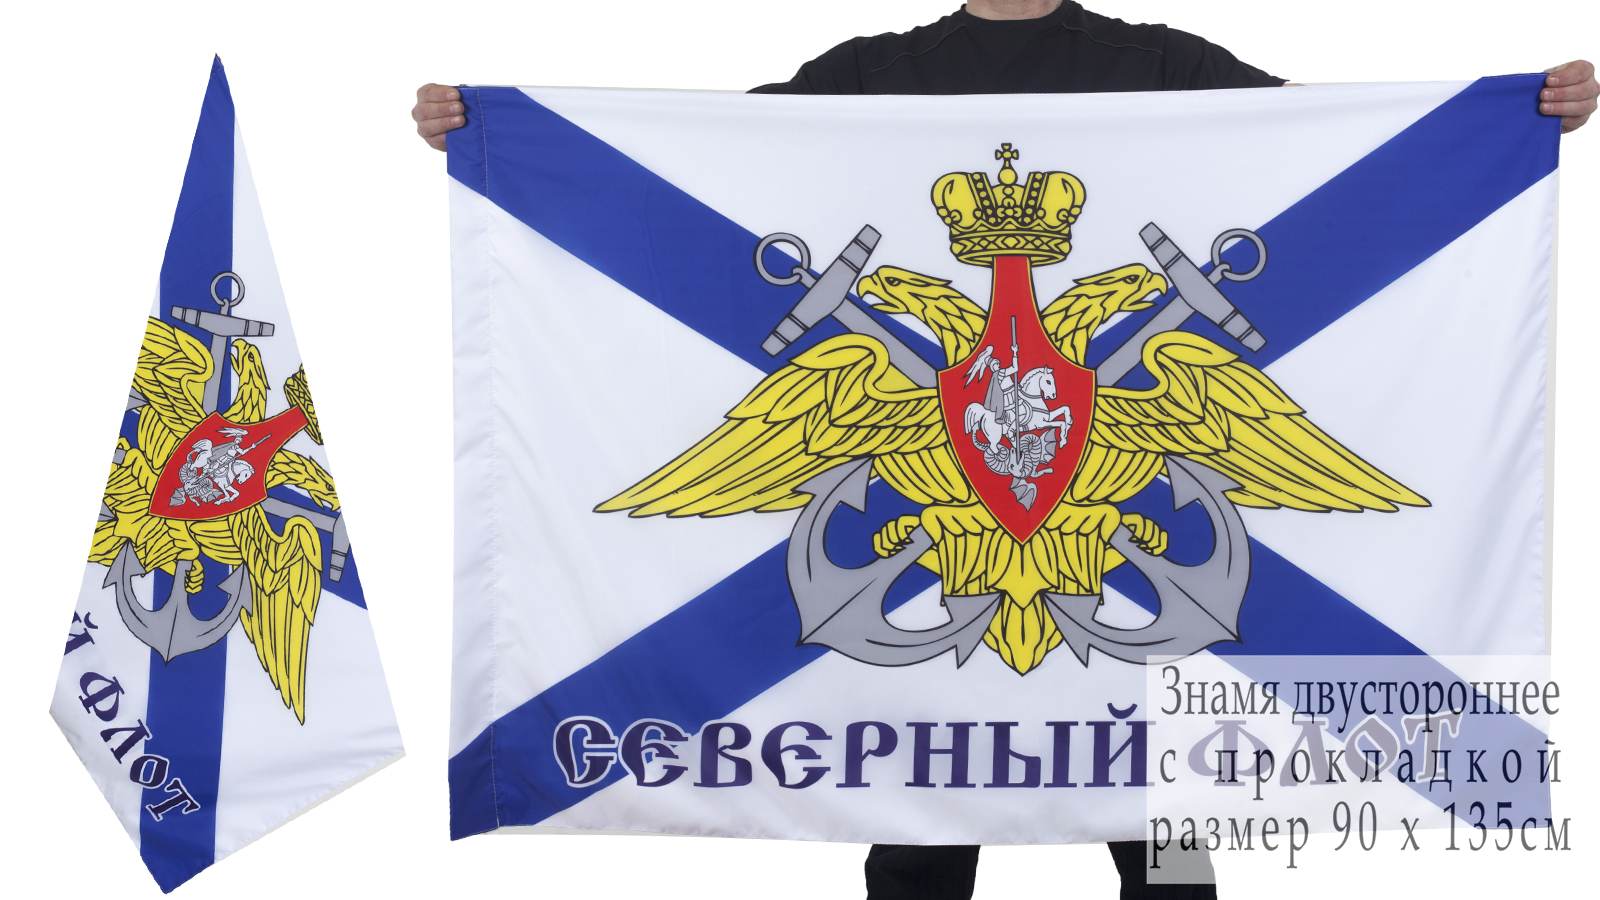 Двухсторонний флаг Северного морского флота